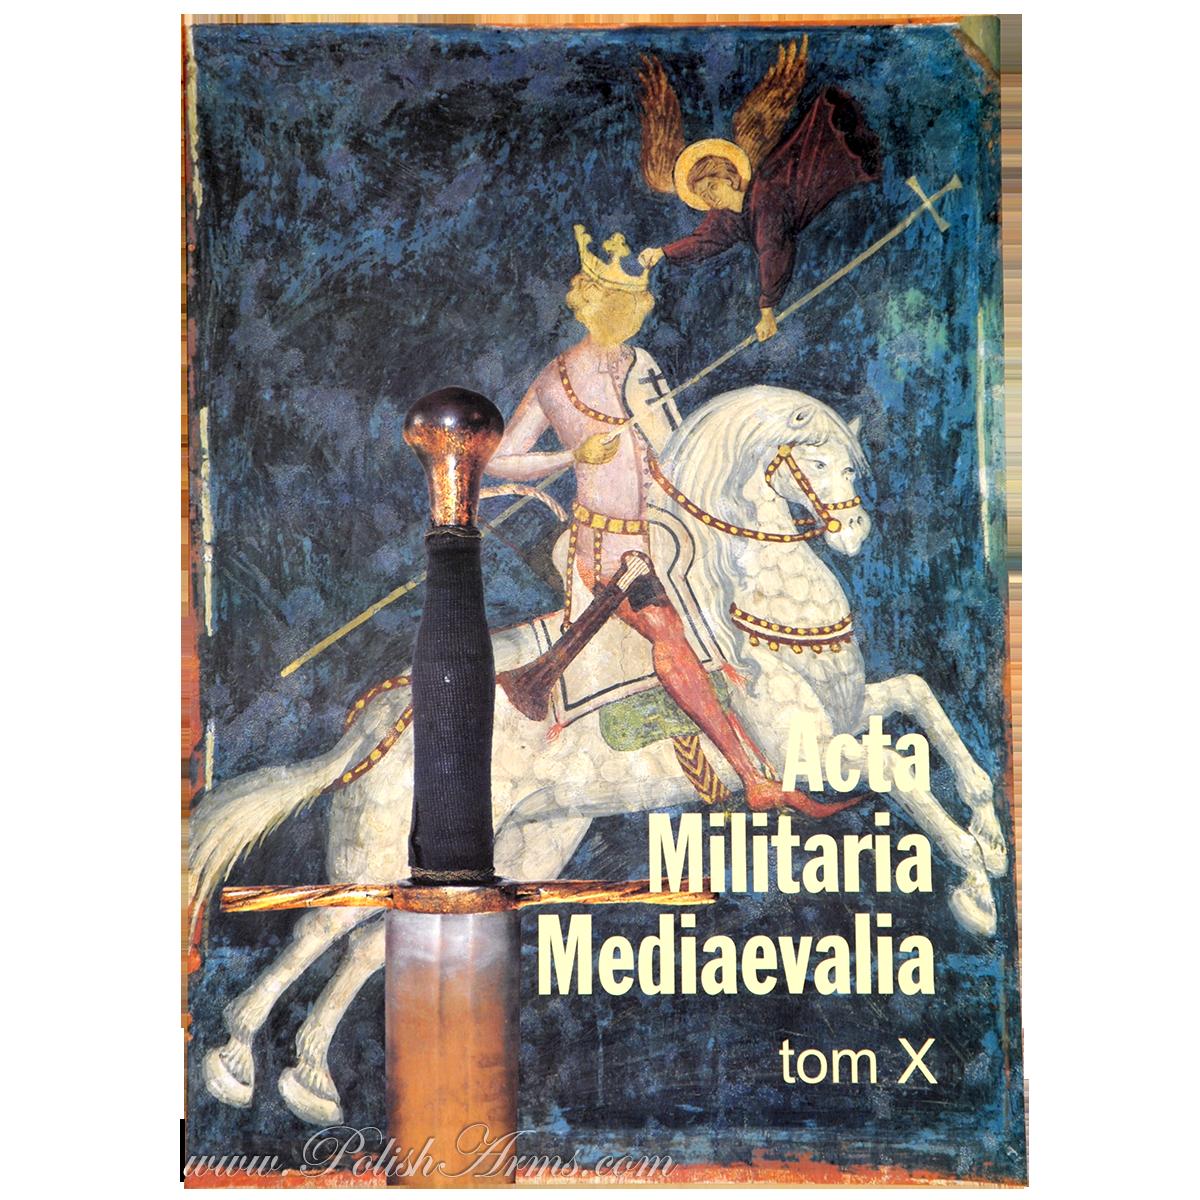 Acta Militaria Mediaevalia 10